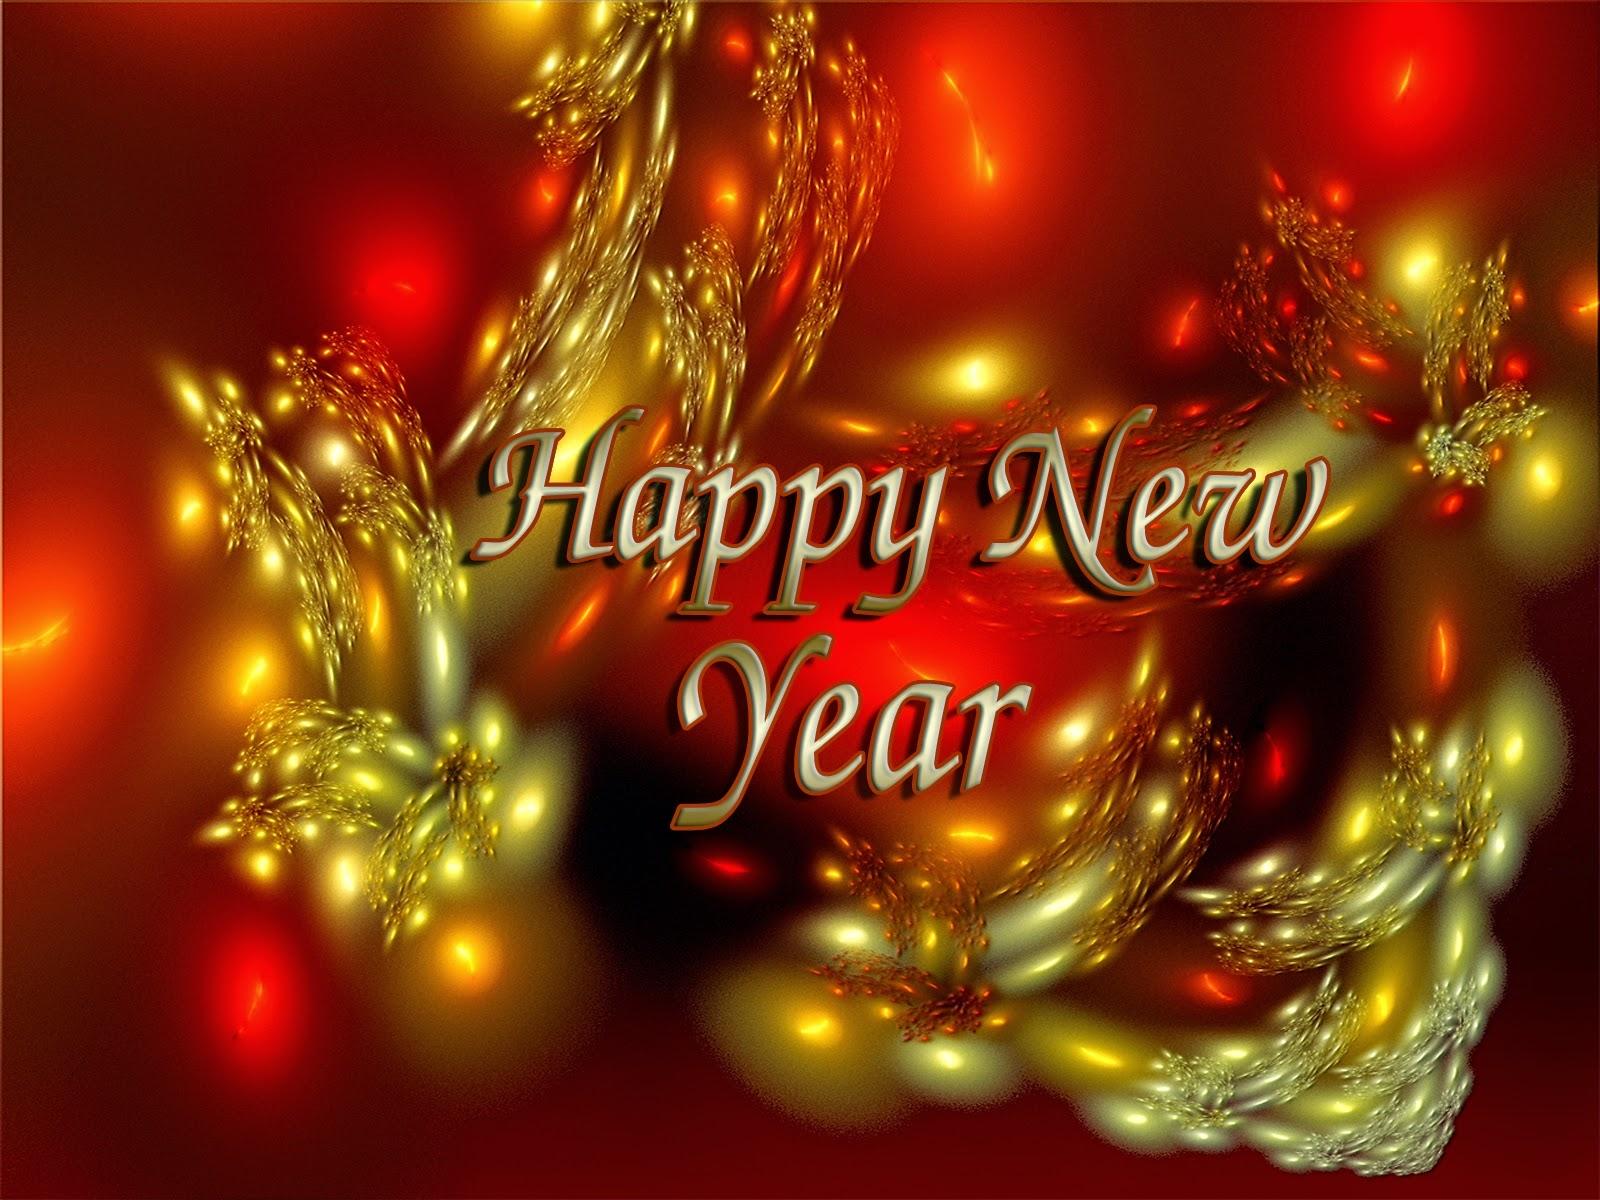 Happy new year shayari 2015 new year 2015 hindi and urdu shayari short happy new year text messages kristyandbryce Gallery